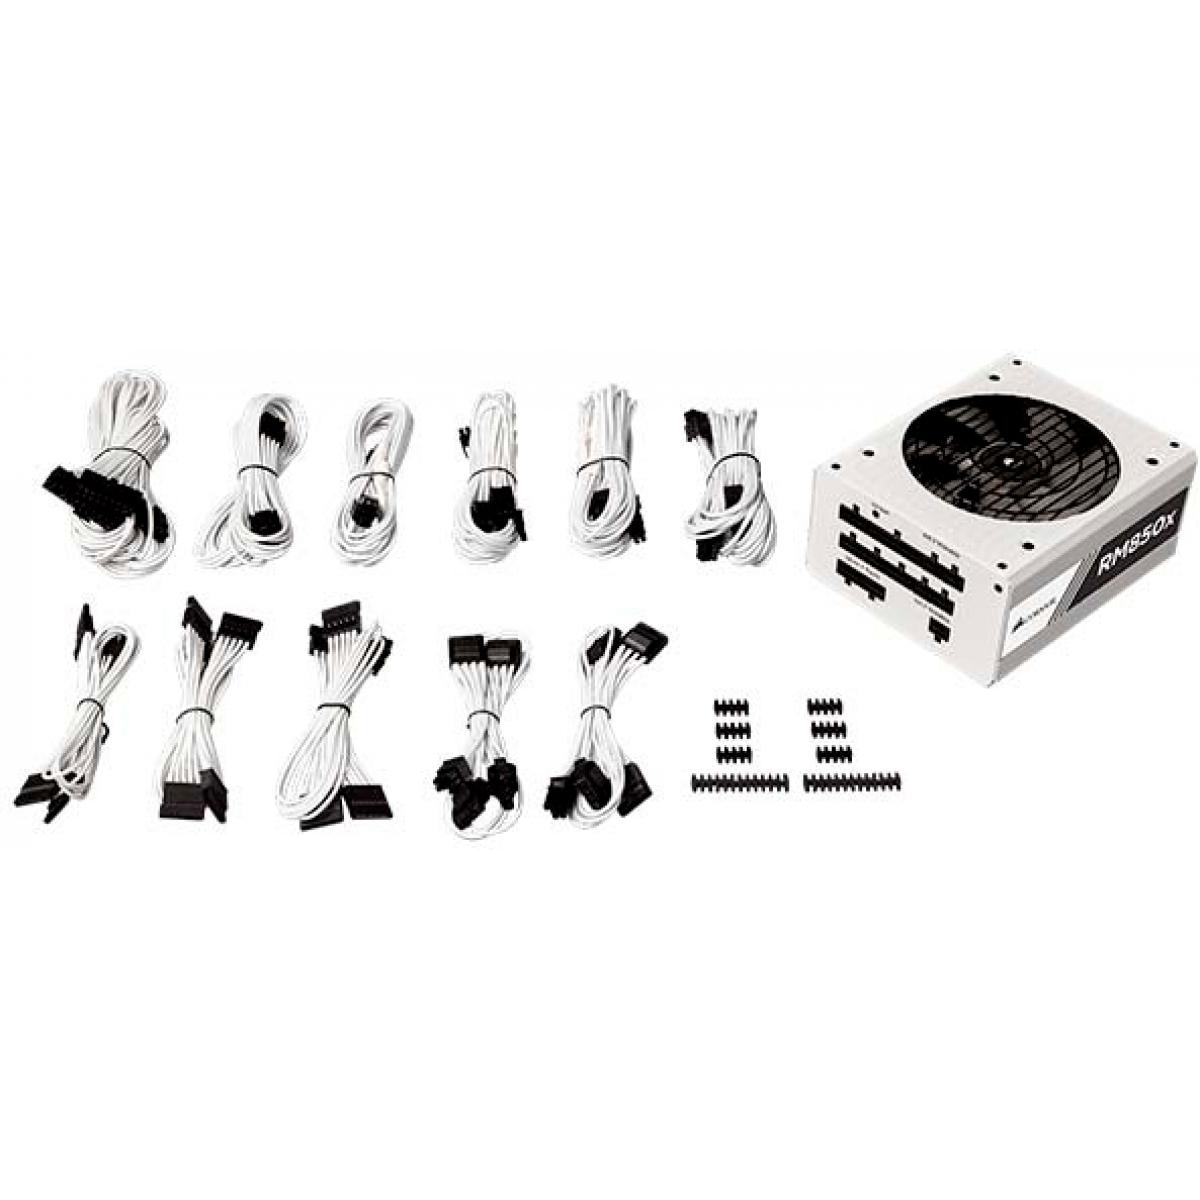 Fonte Corsair  RM850x 850W, 80 Plus Gold, PFC Ativo, Full Modular, White, CP-9020156-WW